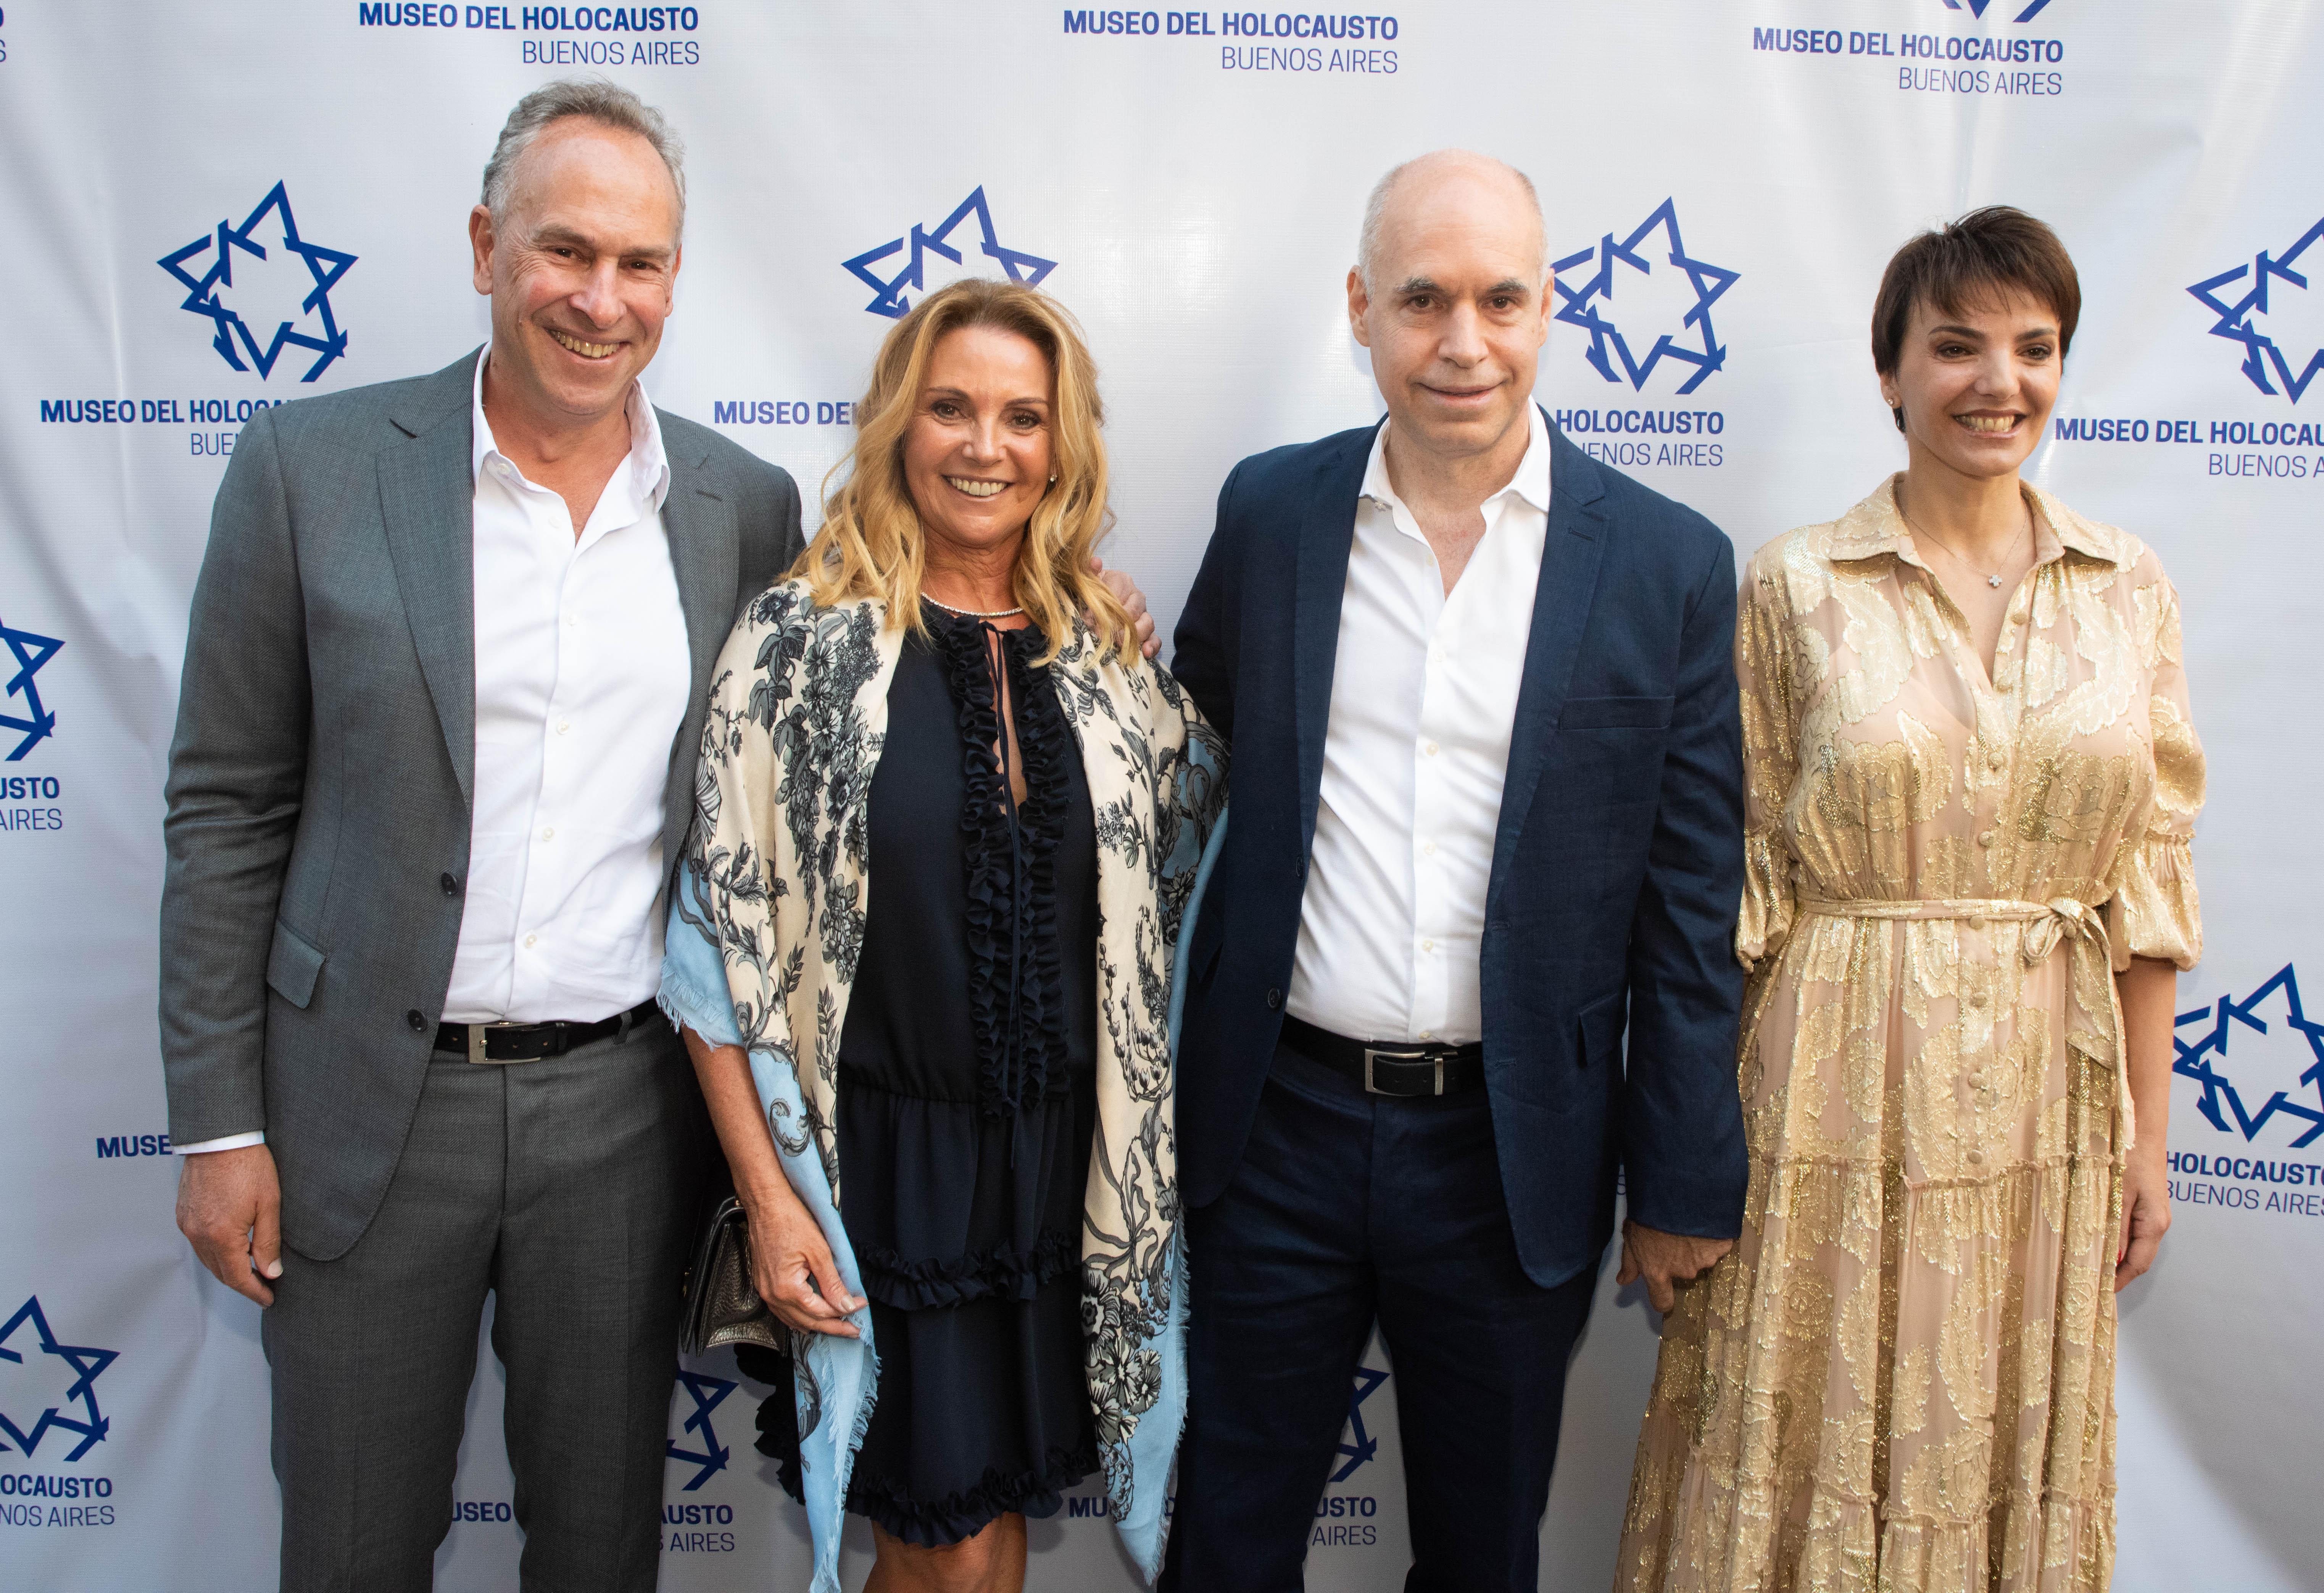 El presidente del Museo del Holocausto, Marcelo Mindlin y su mujer, Mariana, el jefe de Gobierno porteño, Horacio Rodríguez Larreta y Barbara Diez